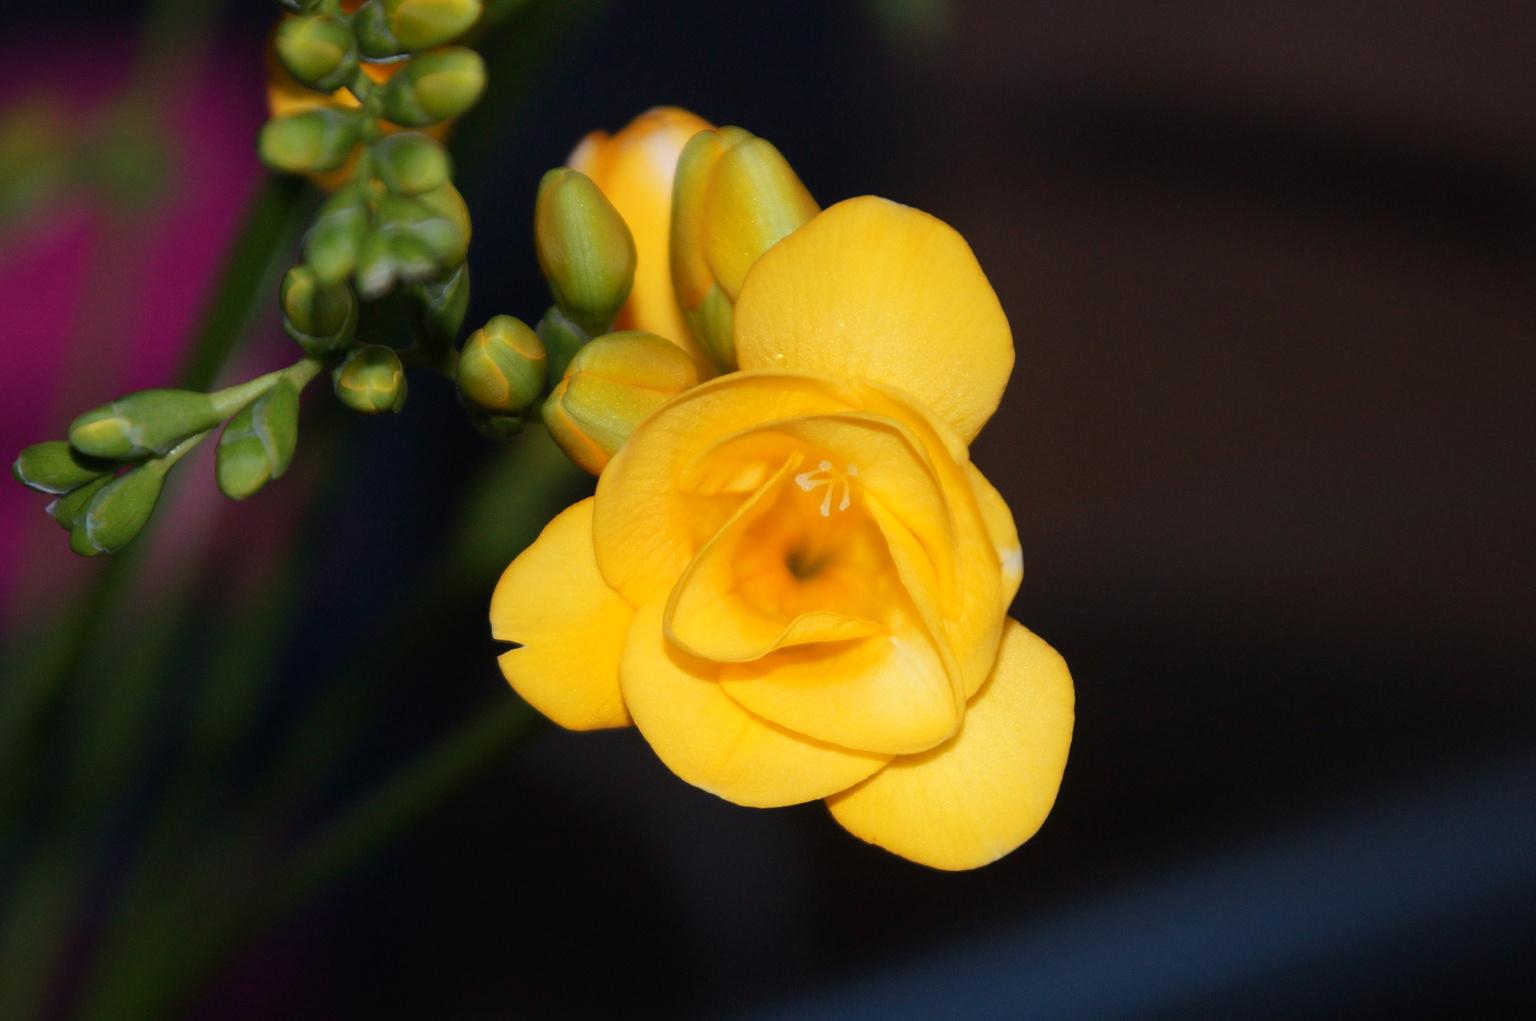 Fresia - .... - foto door Anneke1955 op 13-04-2021 - deze foto bevat: bloem, fabriek, bloemblaadje, terrestrische plant, pedicel, bloeiende plant, kruidachtige plant, macrofotografie, plant stam, wildflower